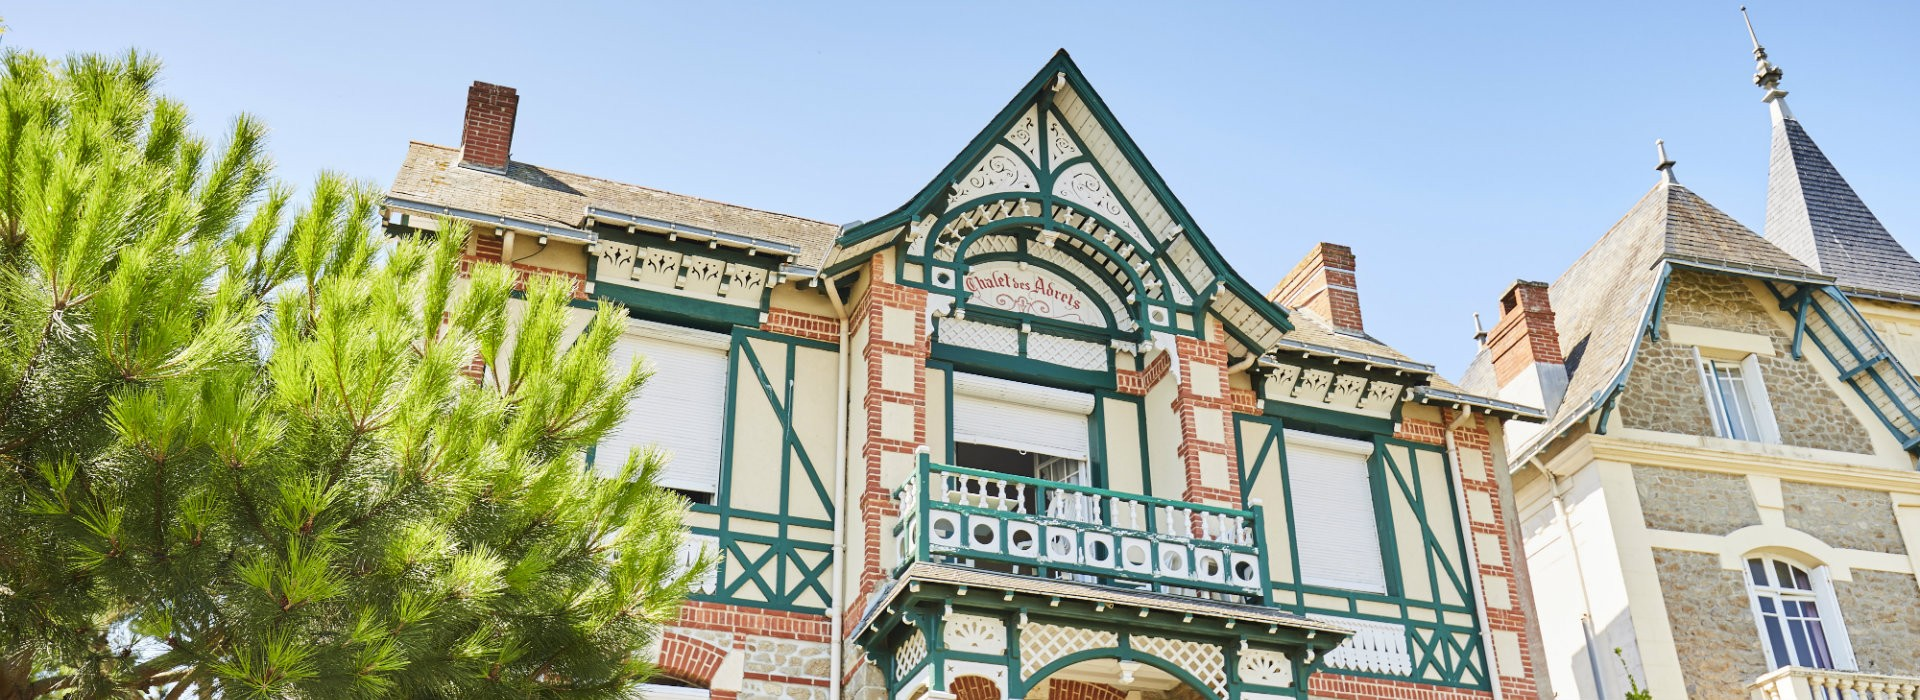 Les villas de La Baule - Alexandre Lamoureux